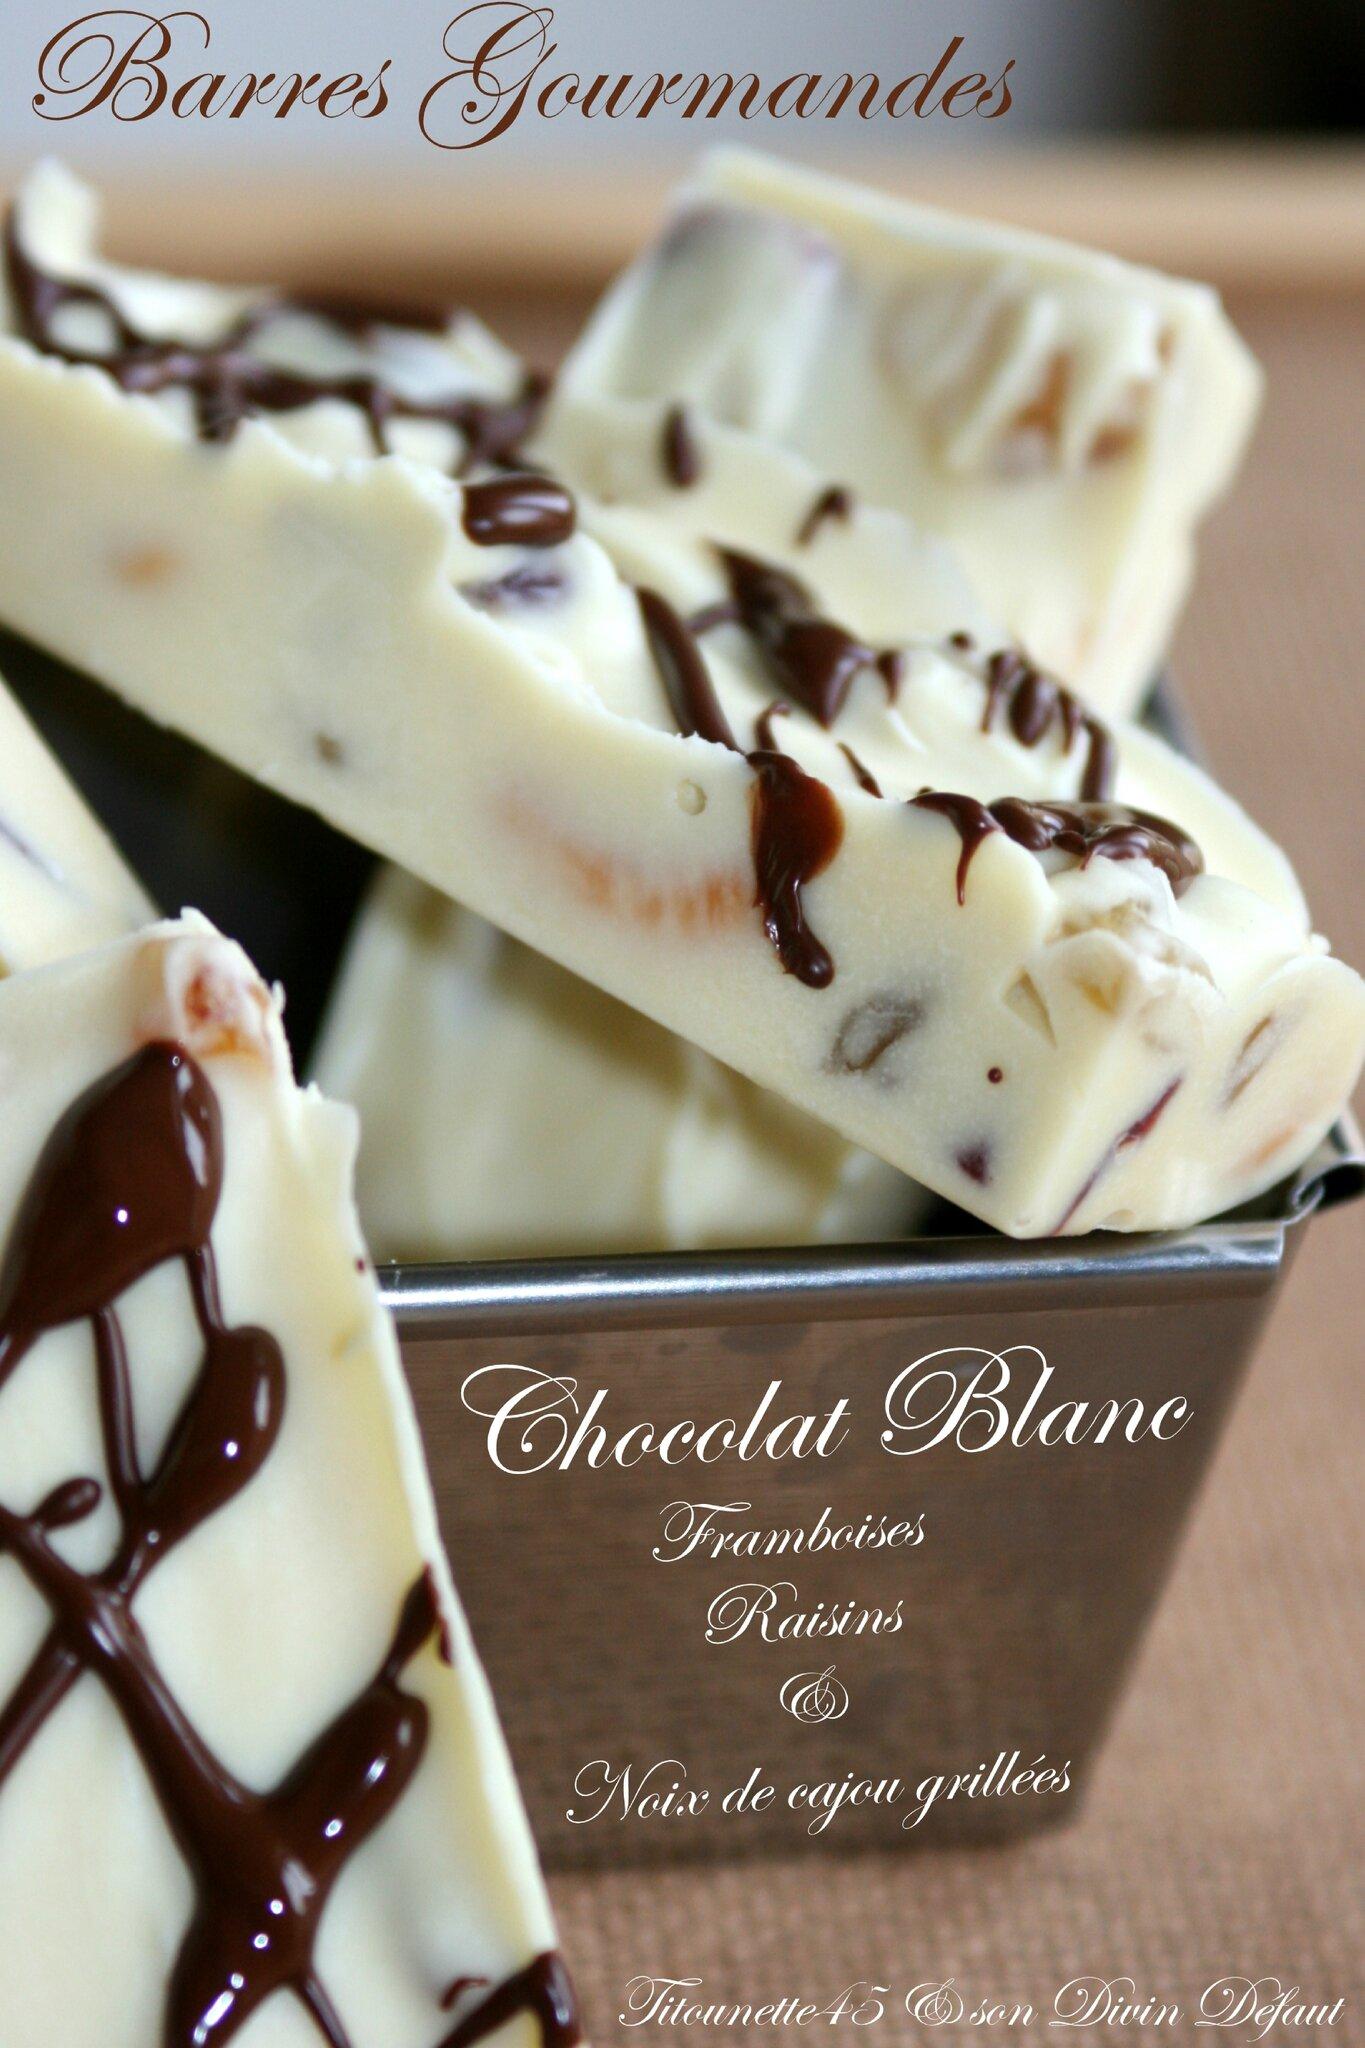 Barres gourmandes au chocolat blanc